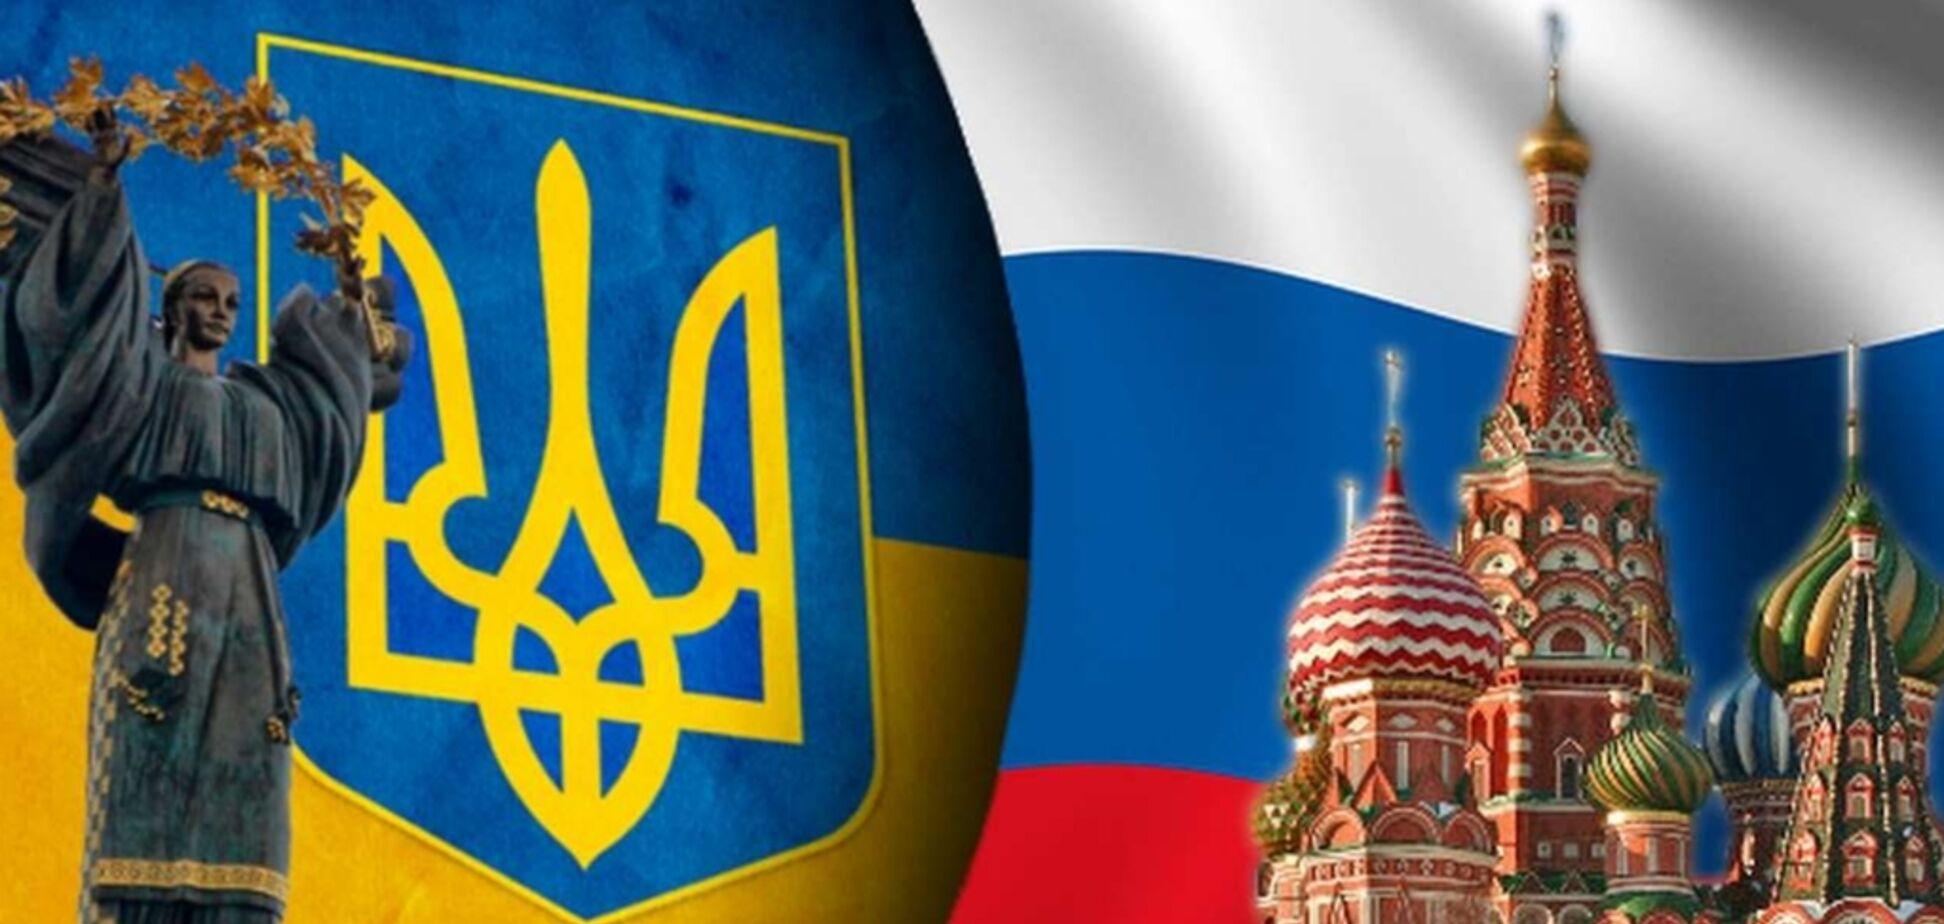 'Свободу морякам!' Россияне взбунтовались против Путина из-за Украины